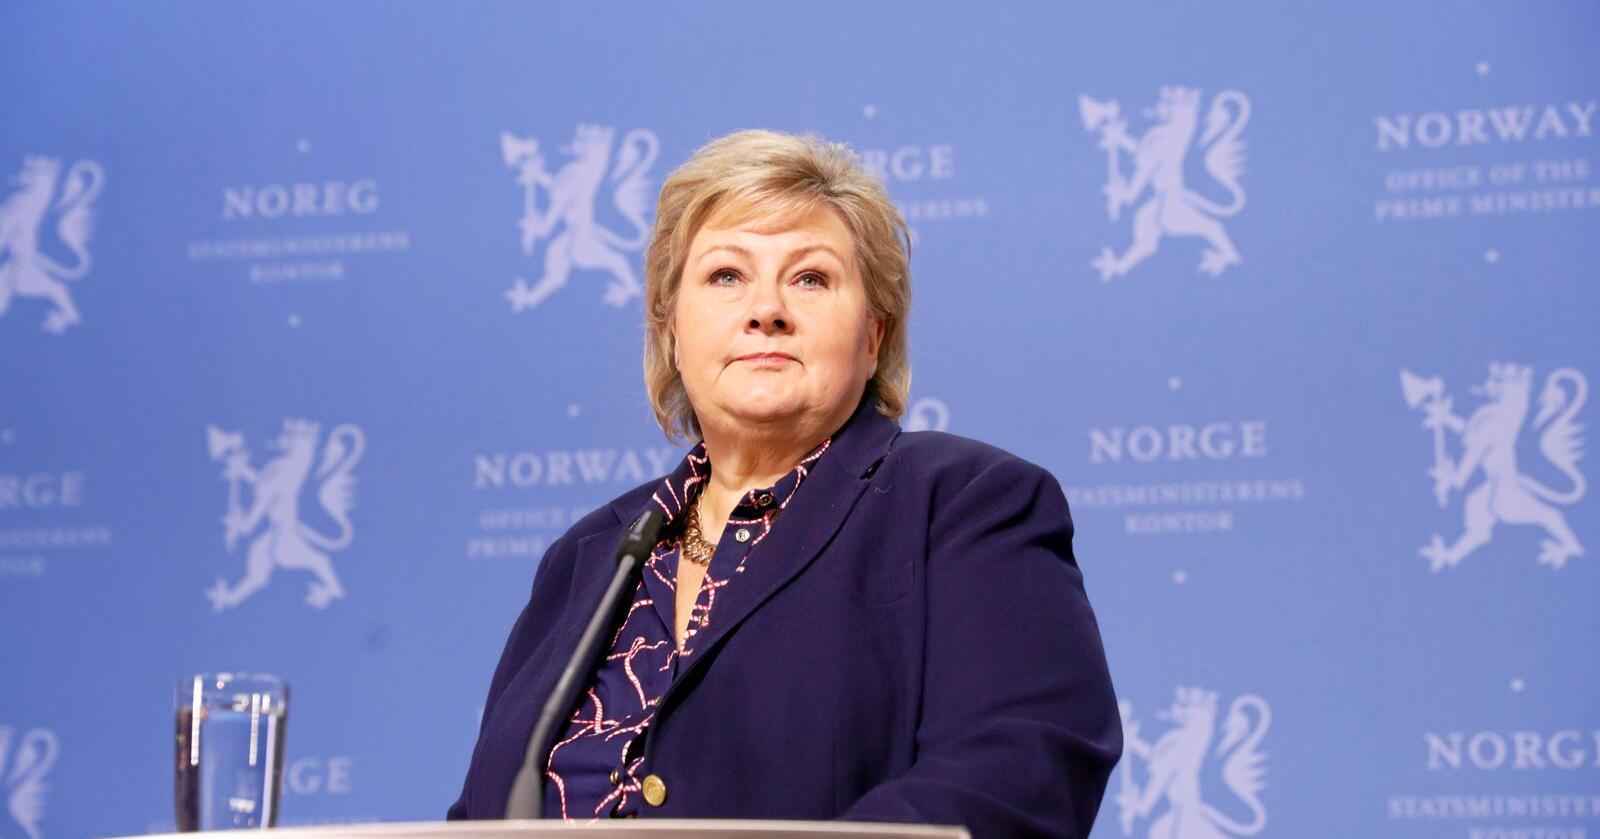 Mindretallsregjering: Statsminister Erna Solberg (H) svekkes av at Frp går ut av regjering. Foto: Terje Bendiksby / NTB scanpix